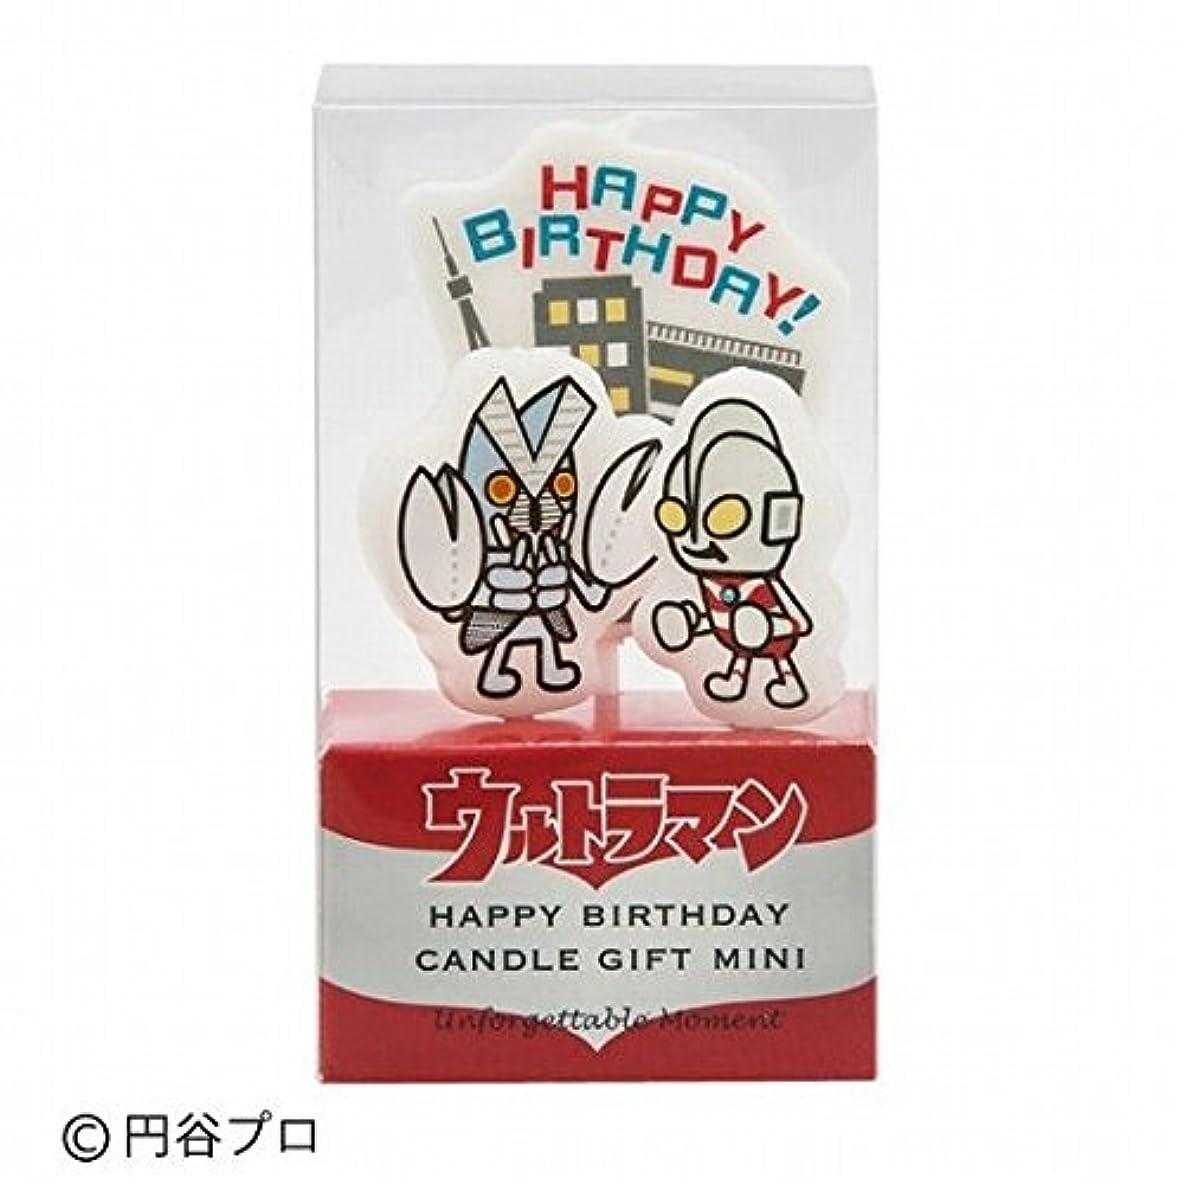 剣魂葉っぱkameyama candle(カメヤマキャンドル) ウルトラマンキャンドルギフトミニ 「 ハッピーバースデー 」(55360060)